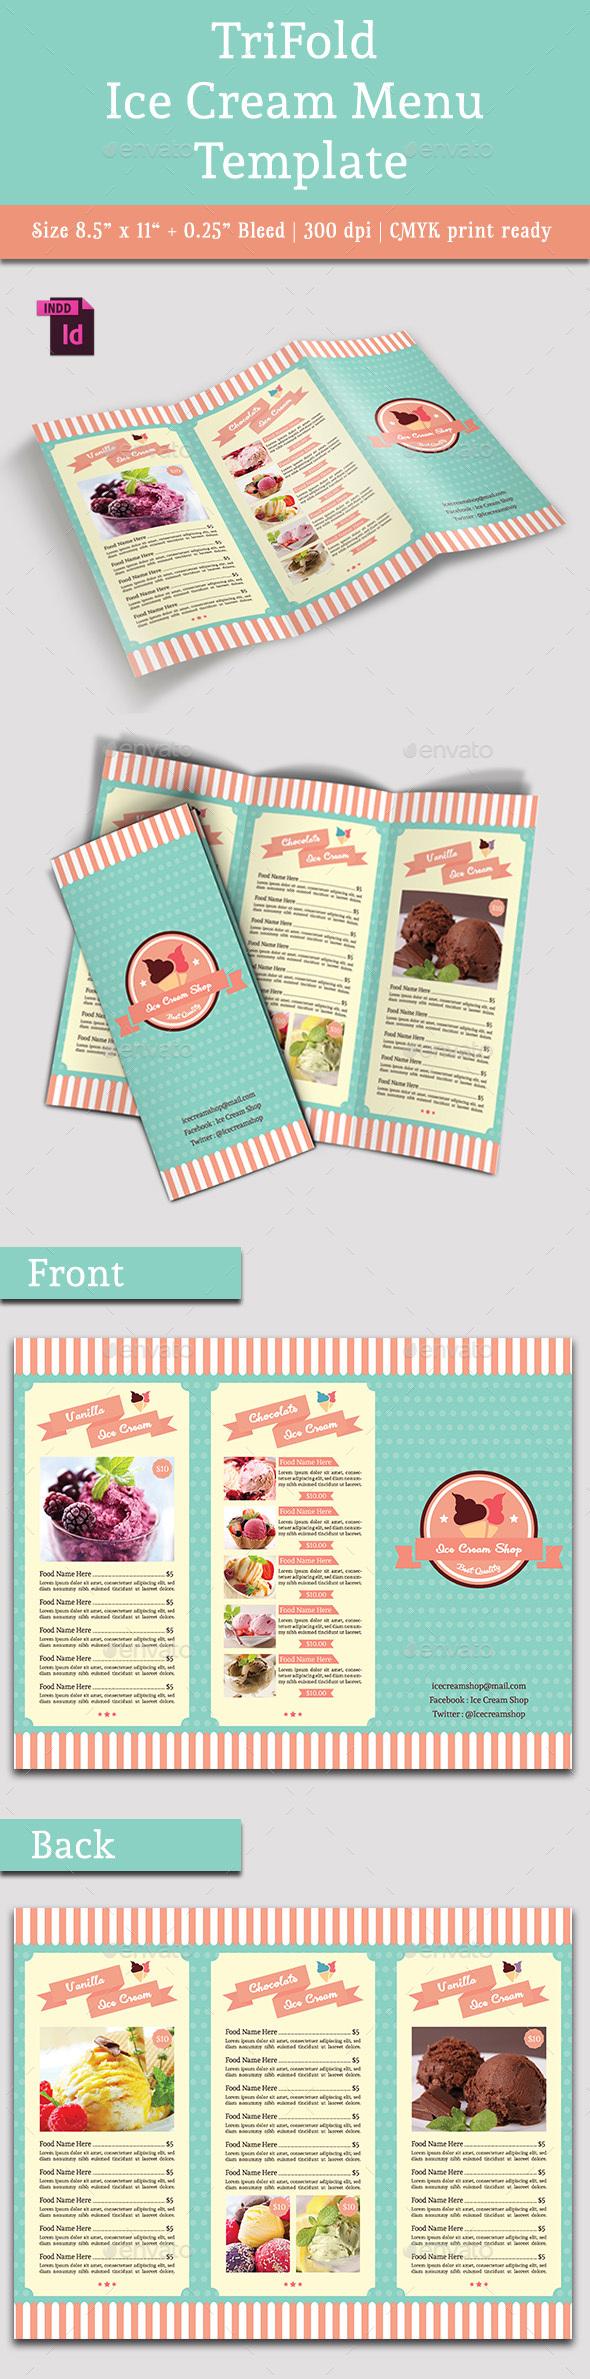 TriFold Ice Cream Menu Template Vol. 2